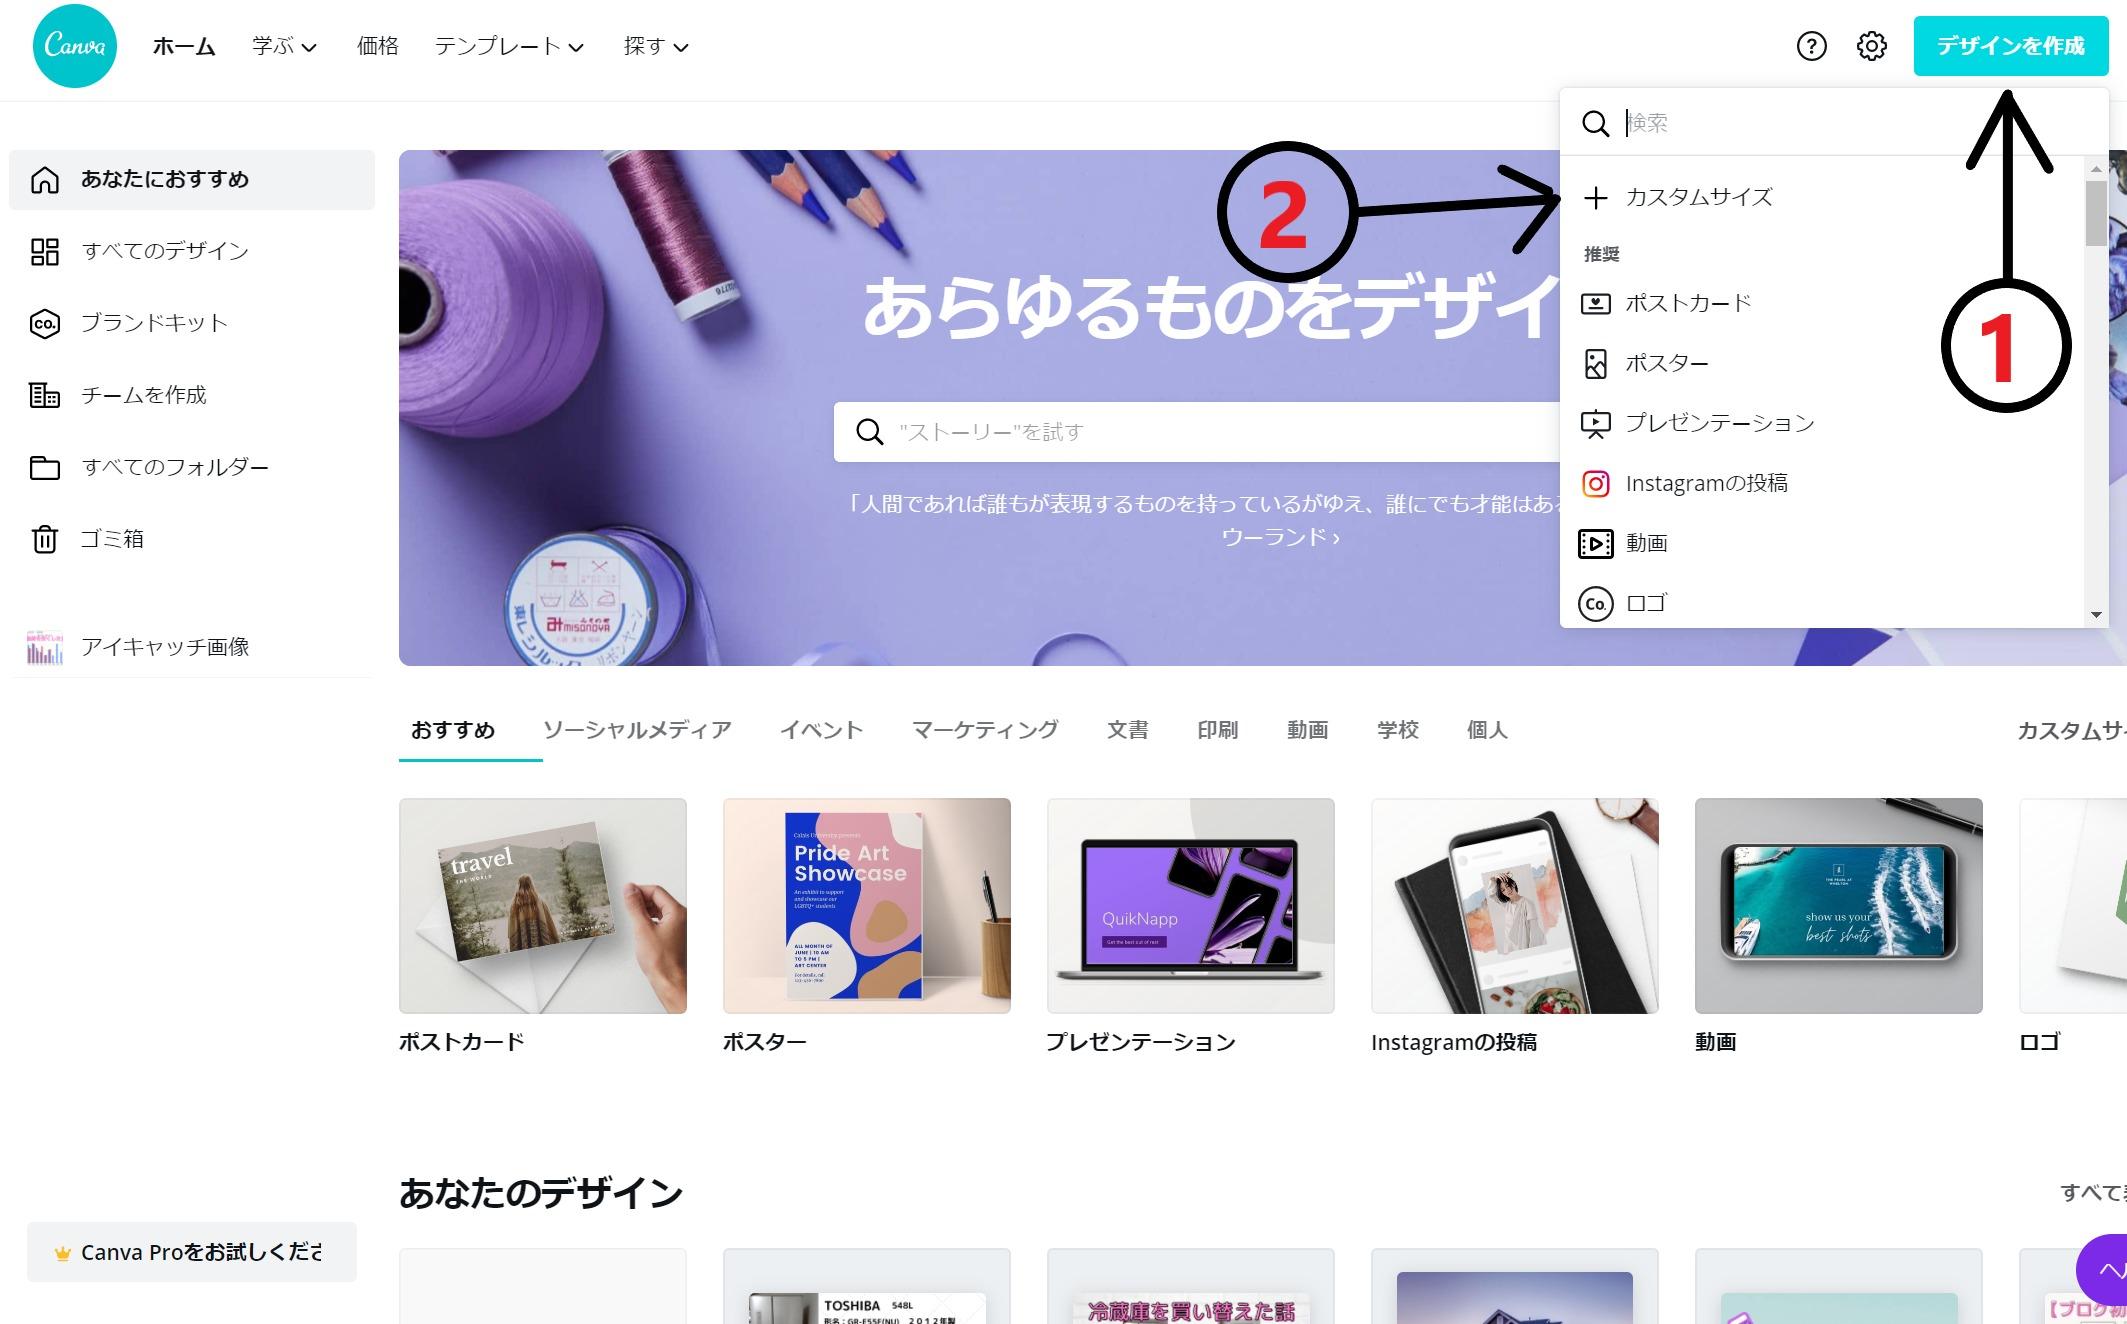 【ブログ初心者】-アイキャッチ画像の作り方1-3.jpg